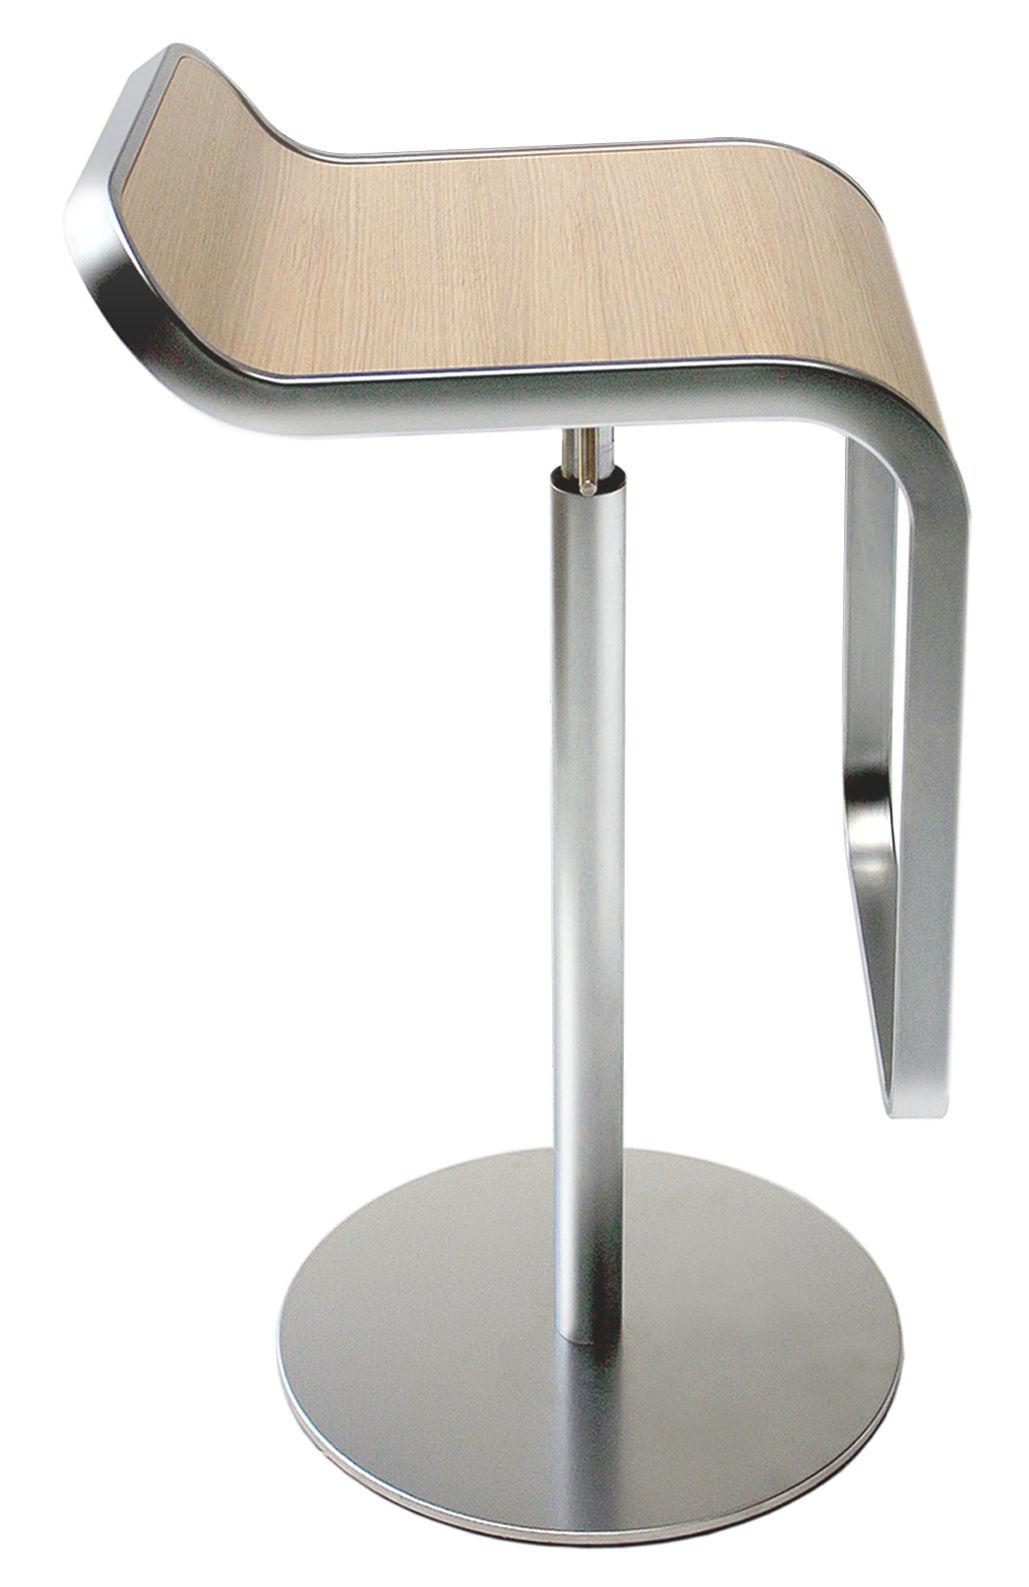 Möbel - Barhocker - Lem Höhenverstellbarer Barhocker - Lapalma - Gebleichte Eiche - gebleichtes Eichensperrholz, verchromter Stahl